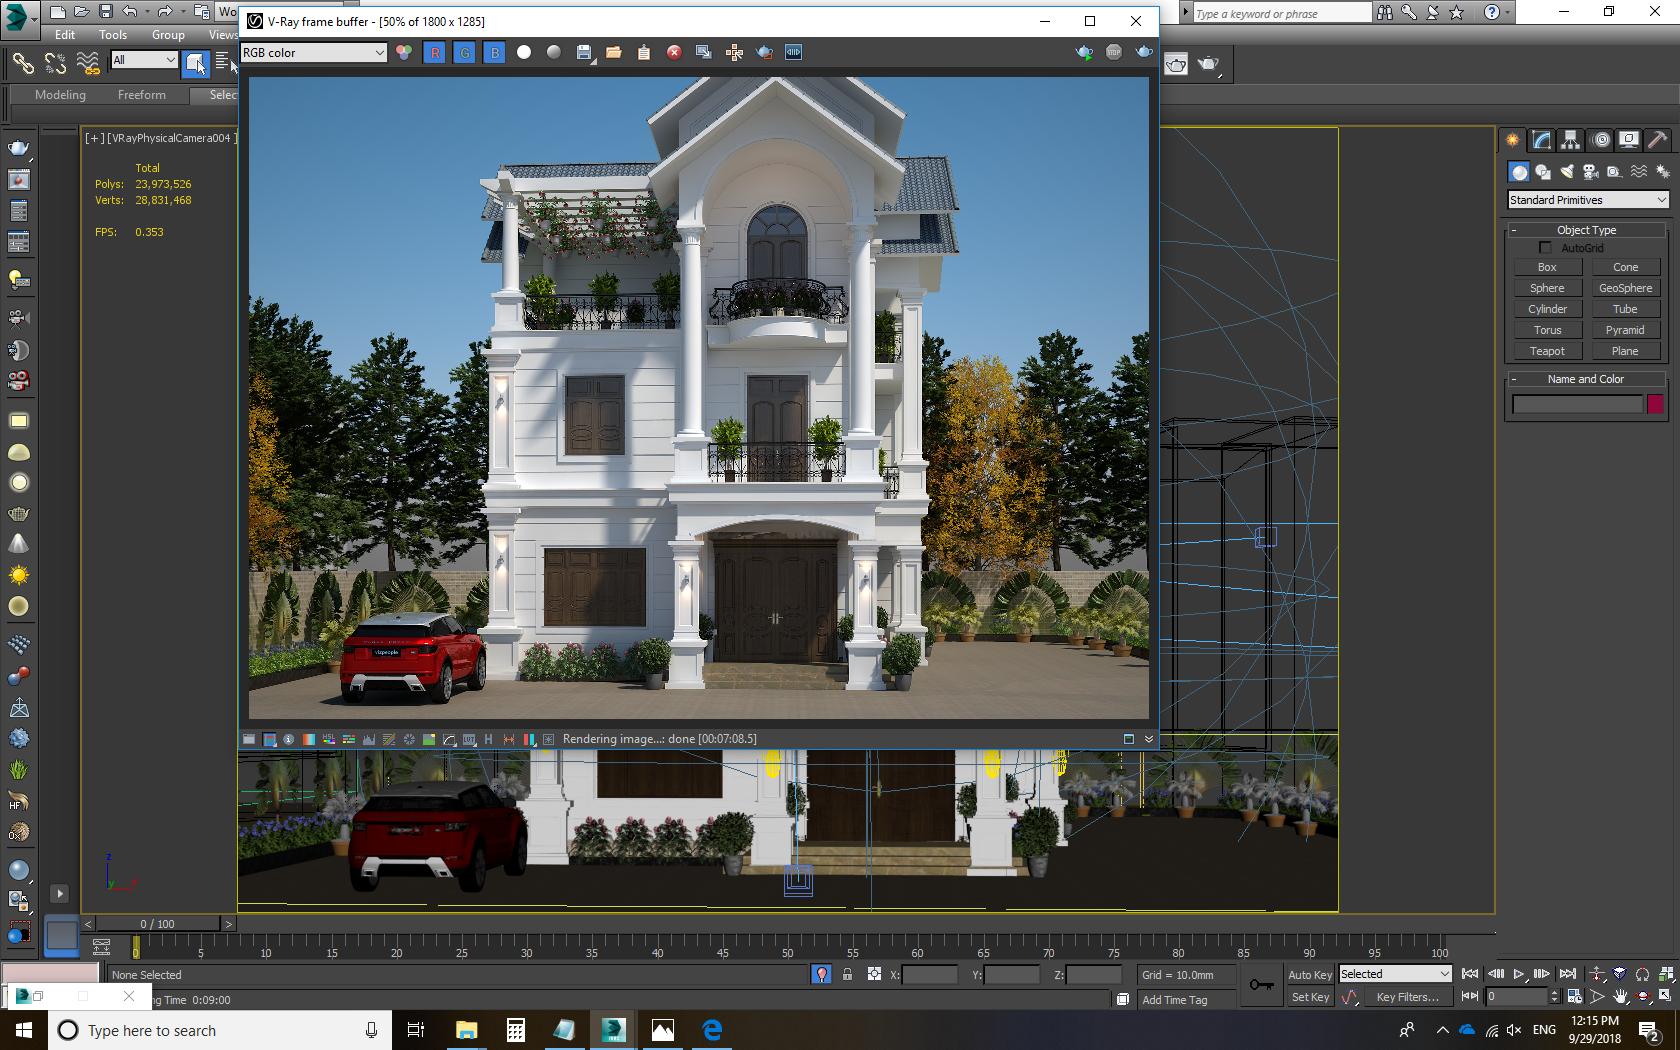 3d Exterior Scene 2018 File 3dsmax By Davinci Vjc Free Dowload Exterior Architecture Visualization Scene